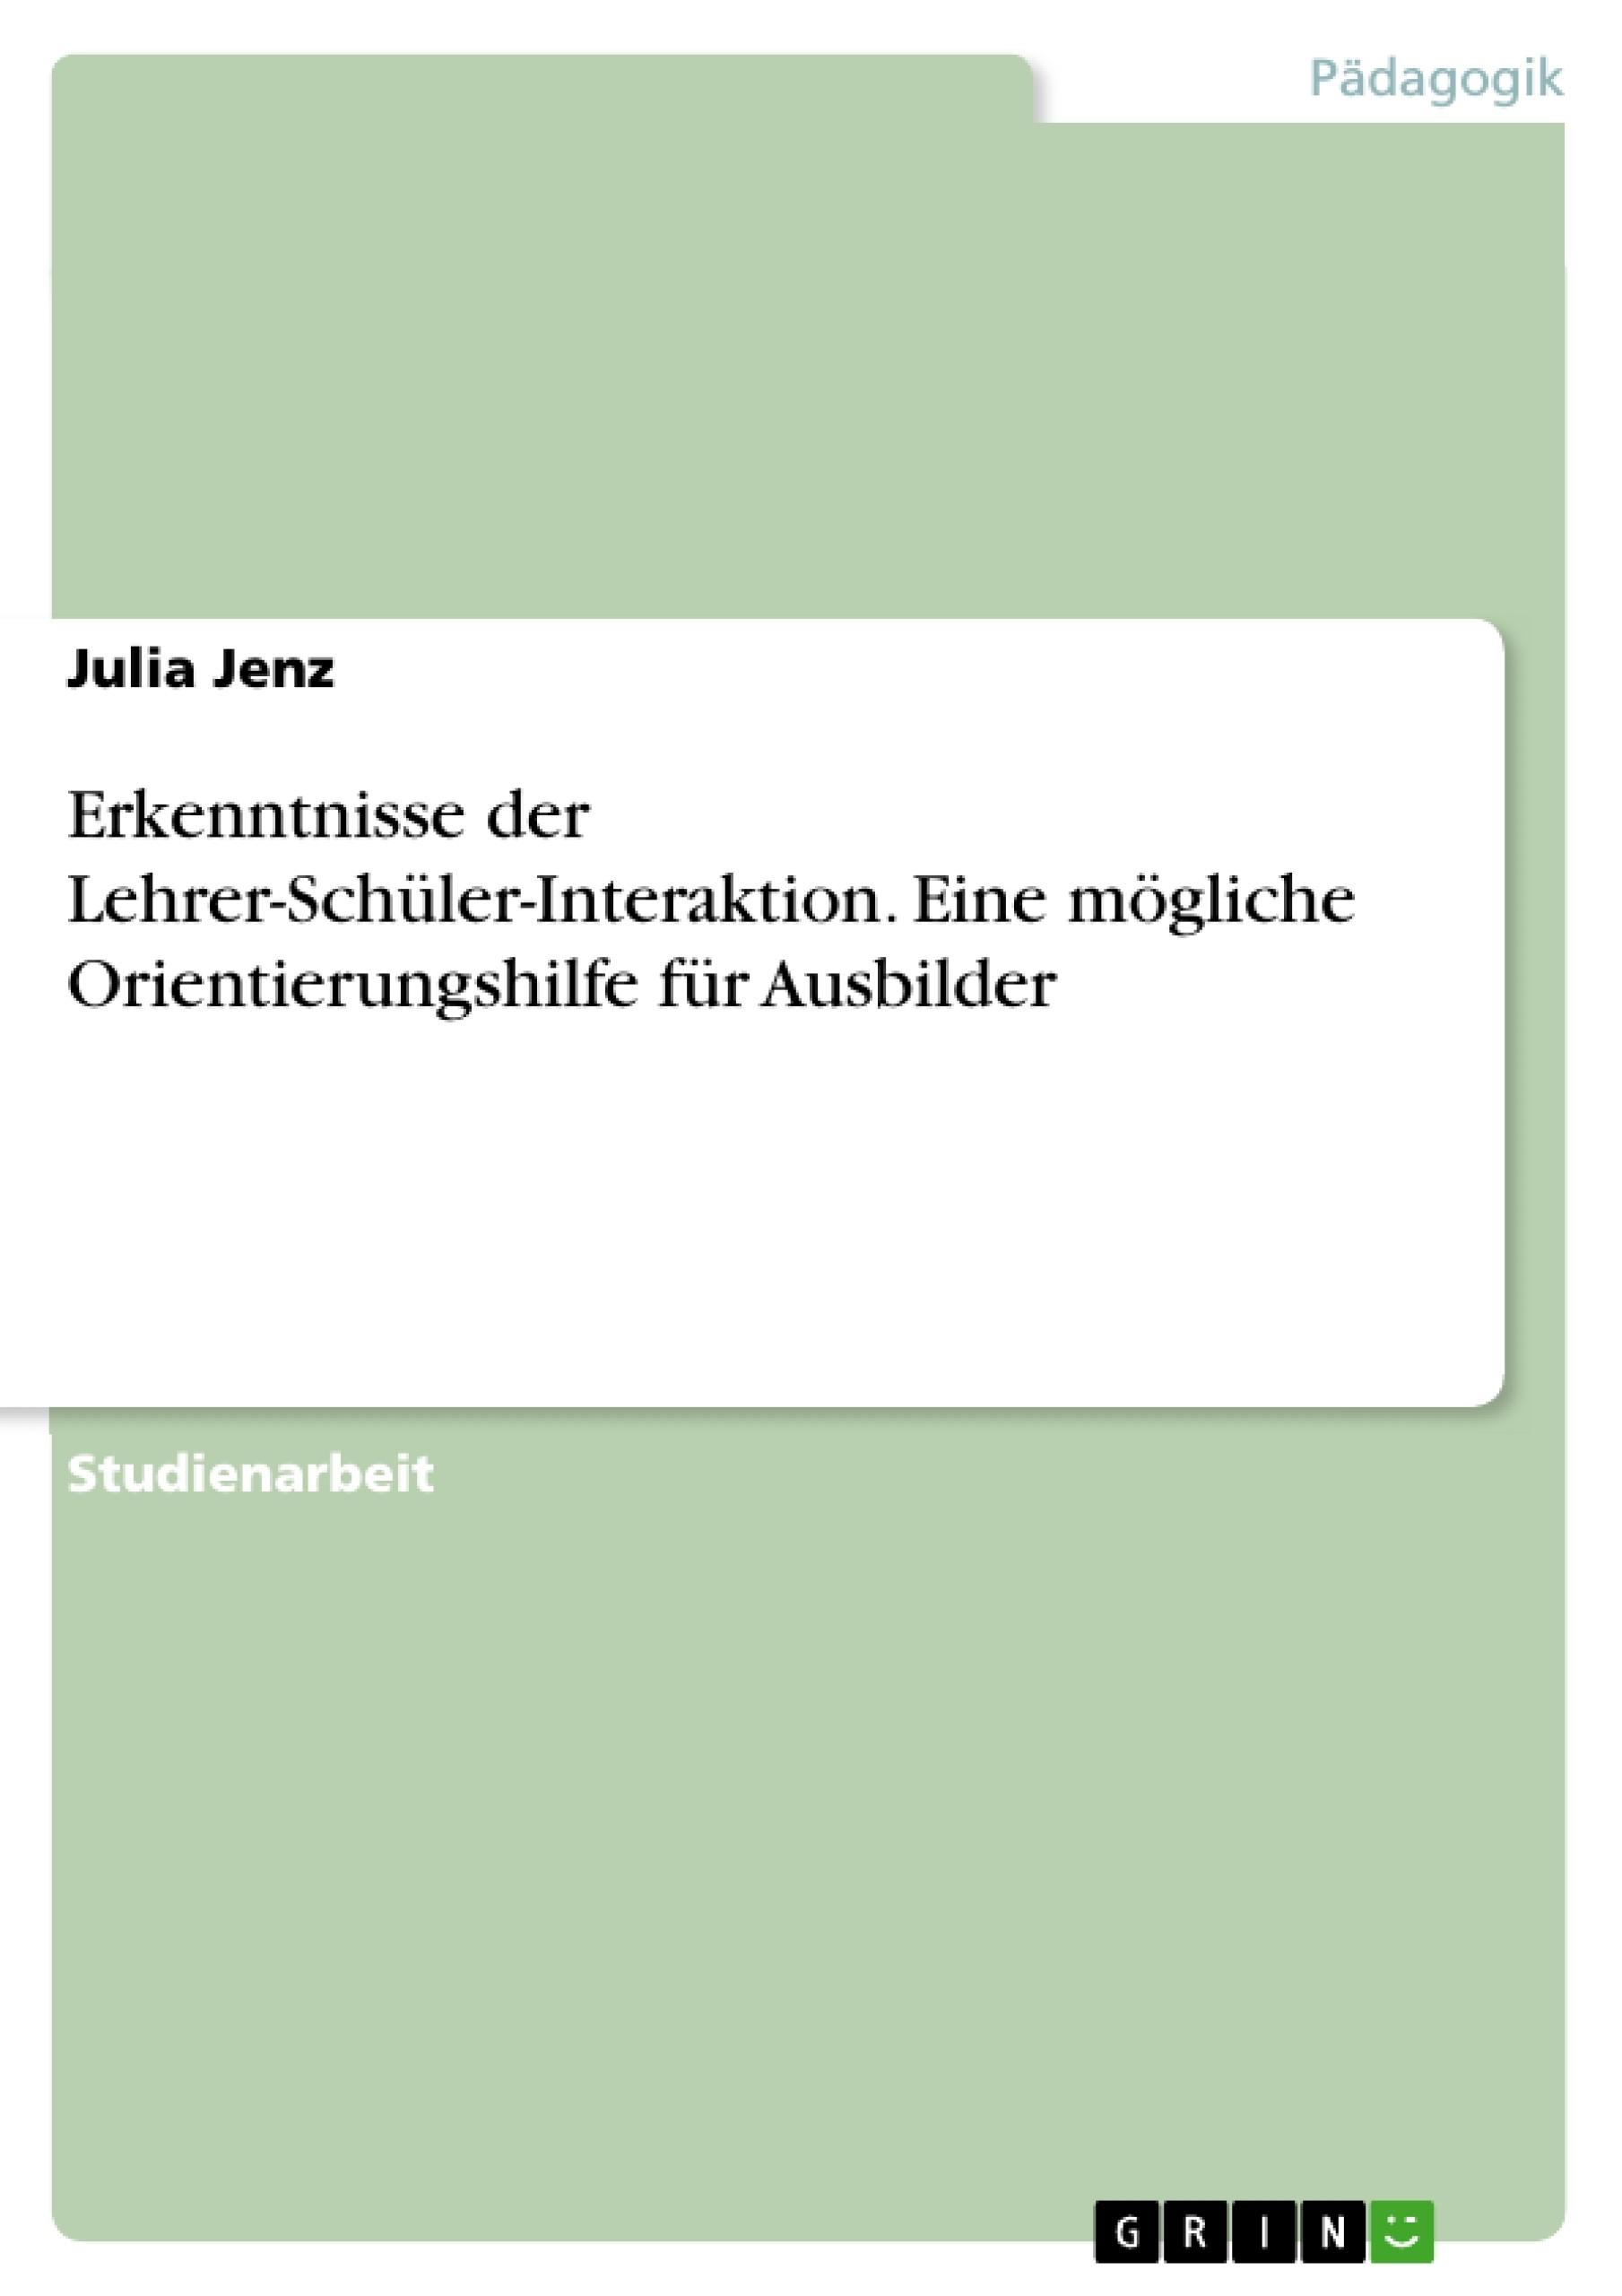 Titel: Erkenntnisse der Lehrer-Schüler-Interaktion. Eine mögliche Orientierungshilfe für Ausbilder